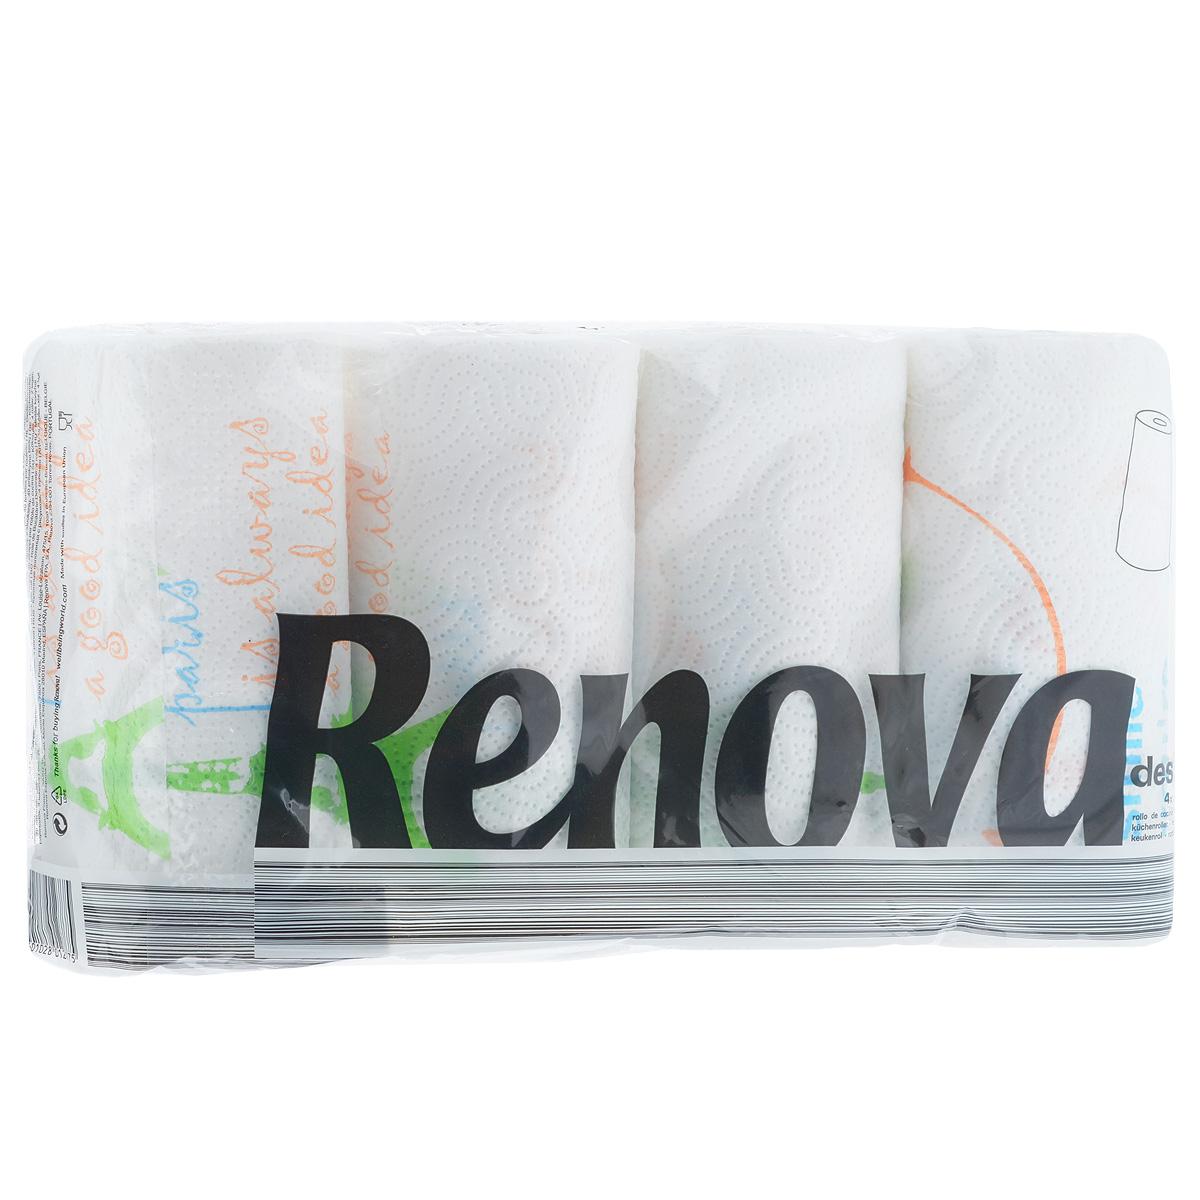 Полотенца бумажные Renova Design, двухслойные, цвет: белый, 4 рулона200046924Полотенца Renova Design оригинального оформления, выполнены из 100% целлюлозы. Мягкие полотенца идеальны для ежедневного ухода, благодаря тому, что они хорошо удерживают влагу. Также полотенца Renova Design дополнят интерьер вашей кухни.Состав: 100% целлюлоза. Количество листов: 40 шт.Количество слоев: 2.Количество рулонов: 4 шт.Португальская компания Renova является ведущим разработчиком новейших технологий производства, нового стиля и направления на рынке гигиенической продукции. Современный дизайн и высочайшее качество, дерматологический контроль - это то, что выделяет компанию Renova среди других производителей бумажной санитарно-гигиенической продукции.